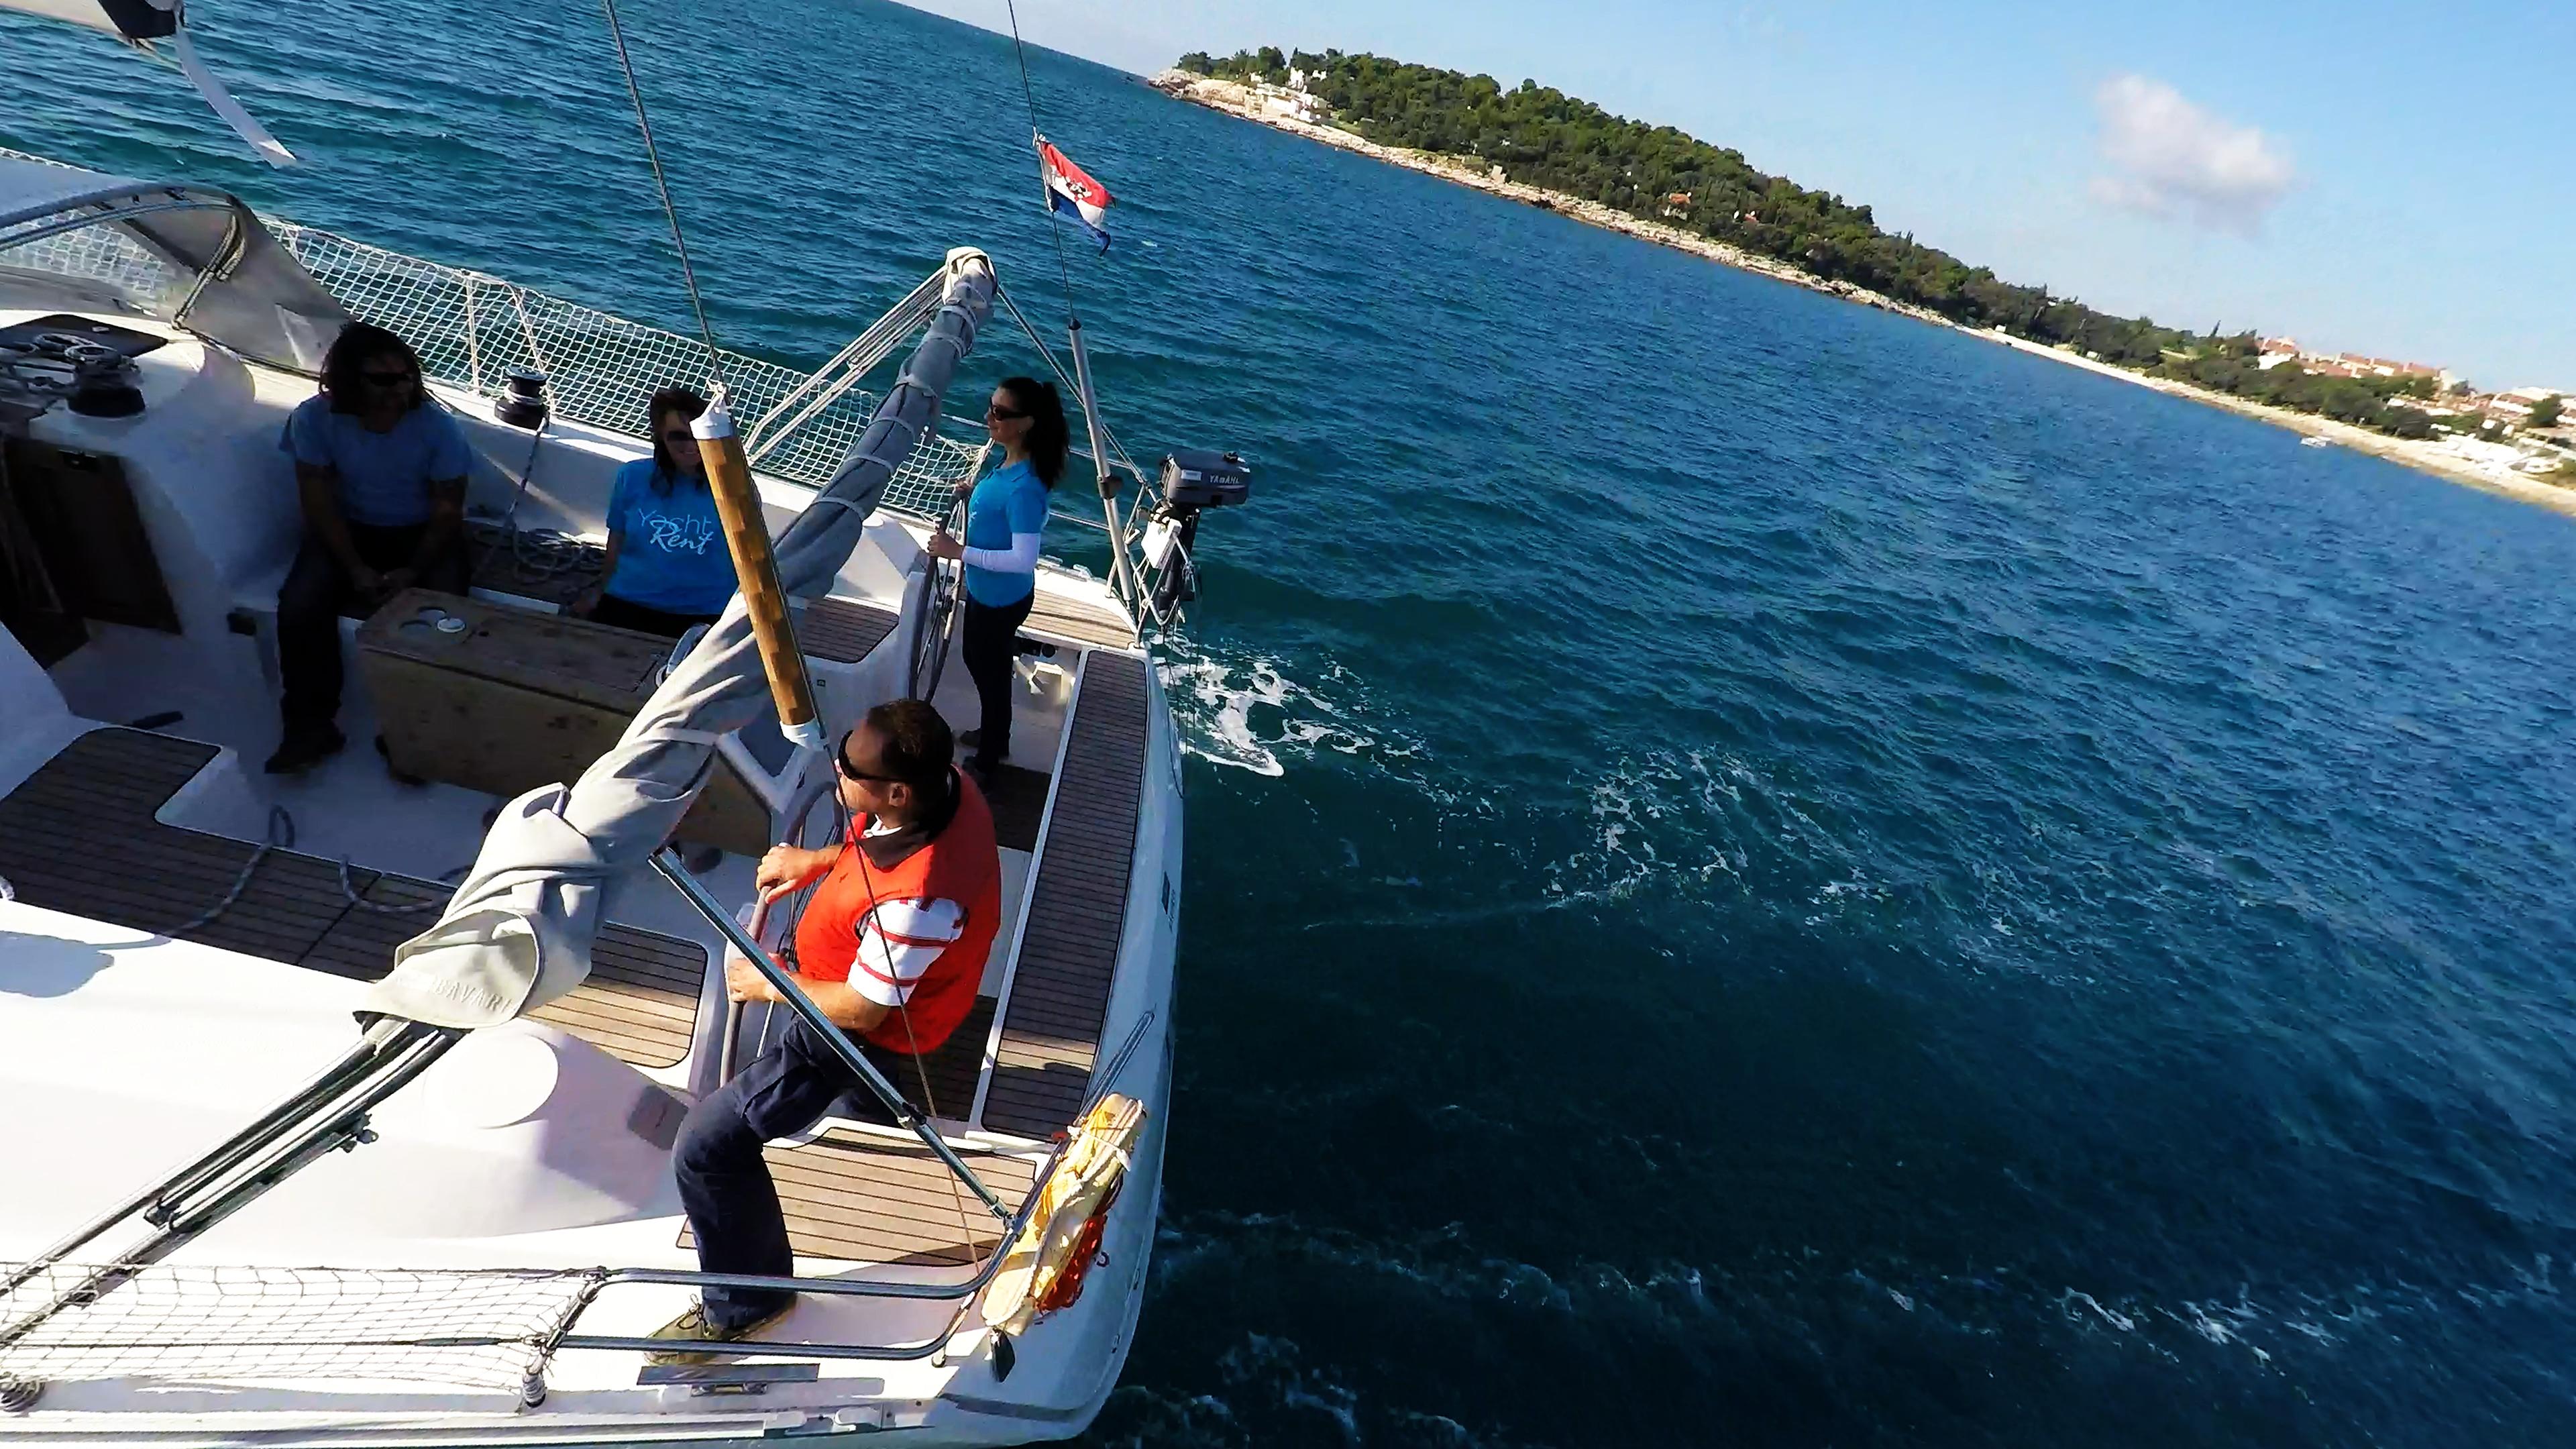 barcha a vela yacht a vela squadra equipaggio pozzetto skipper timoni ruota teak